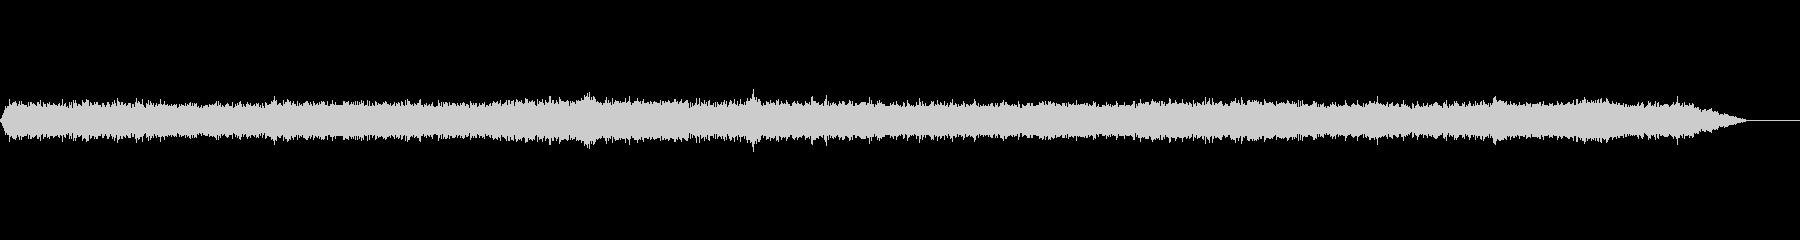 ビーチの声-スペイン1の未再生の波形